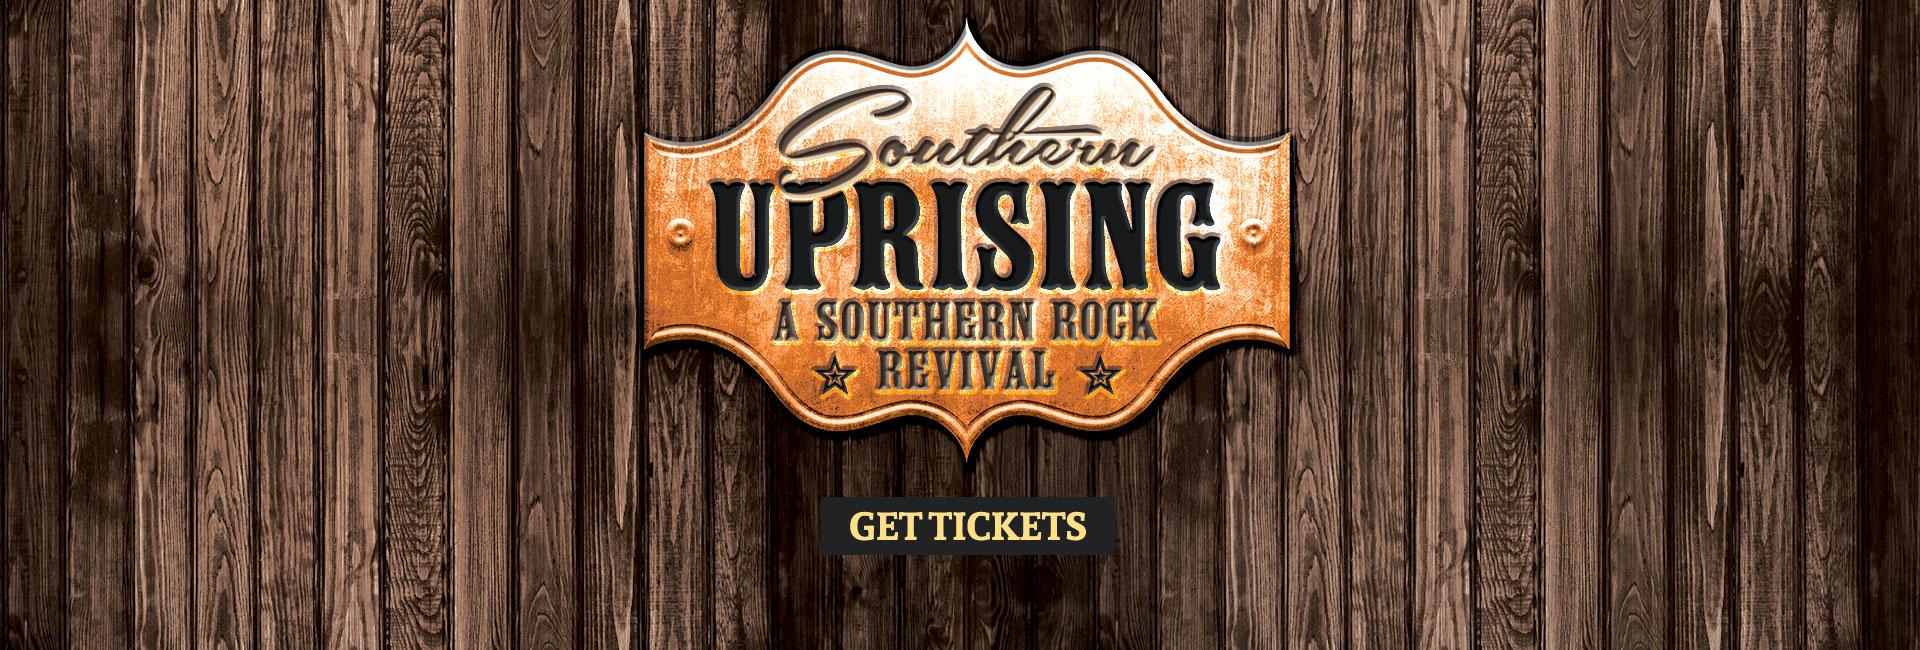 southern_uprising_2018_v3.jpg